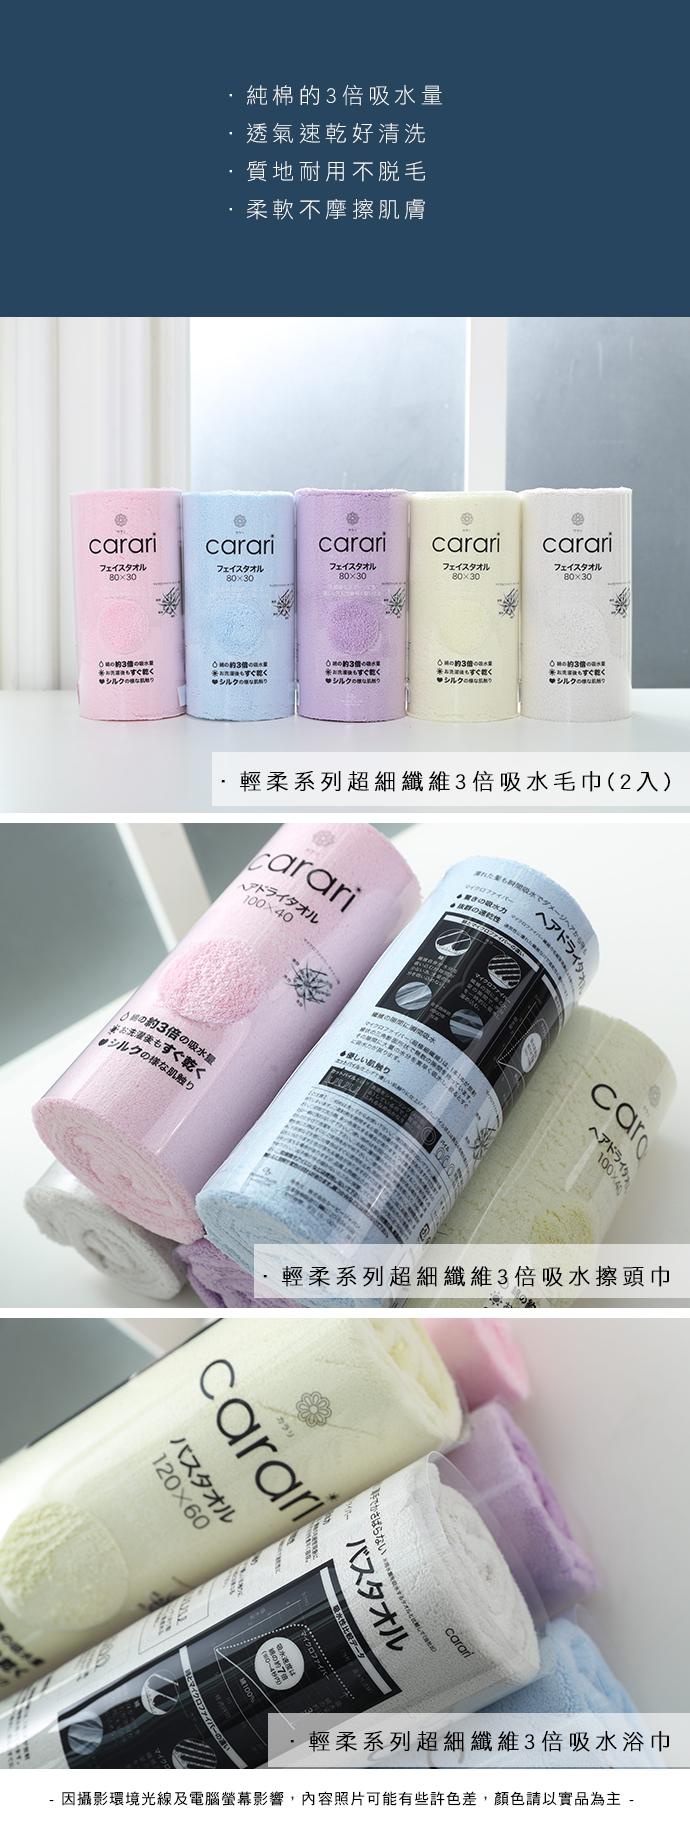 CB Japan 輕柔系列超細纖維3倍吸水毛巾 (2入) - 甜心黃